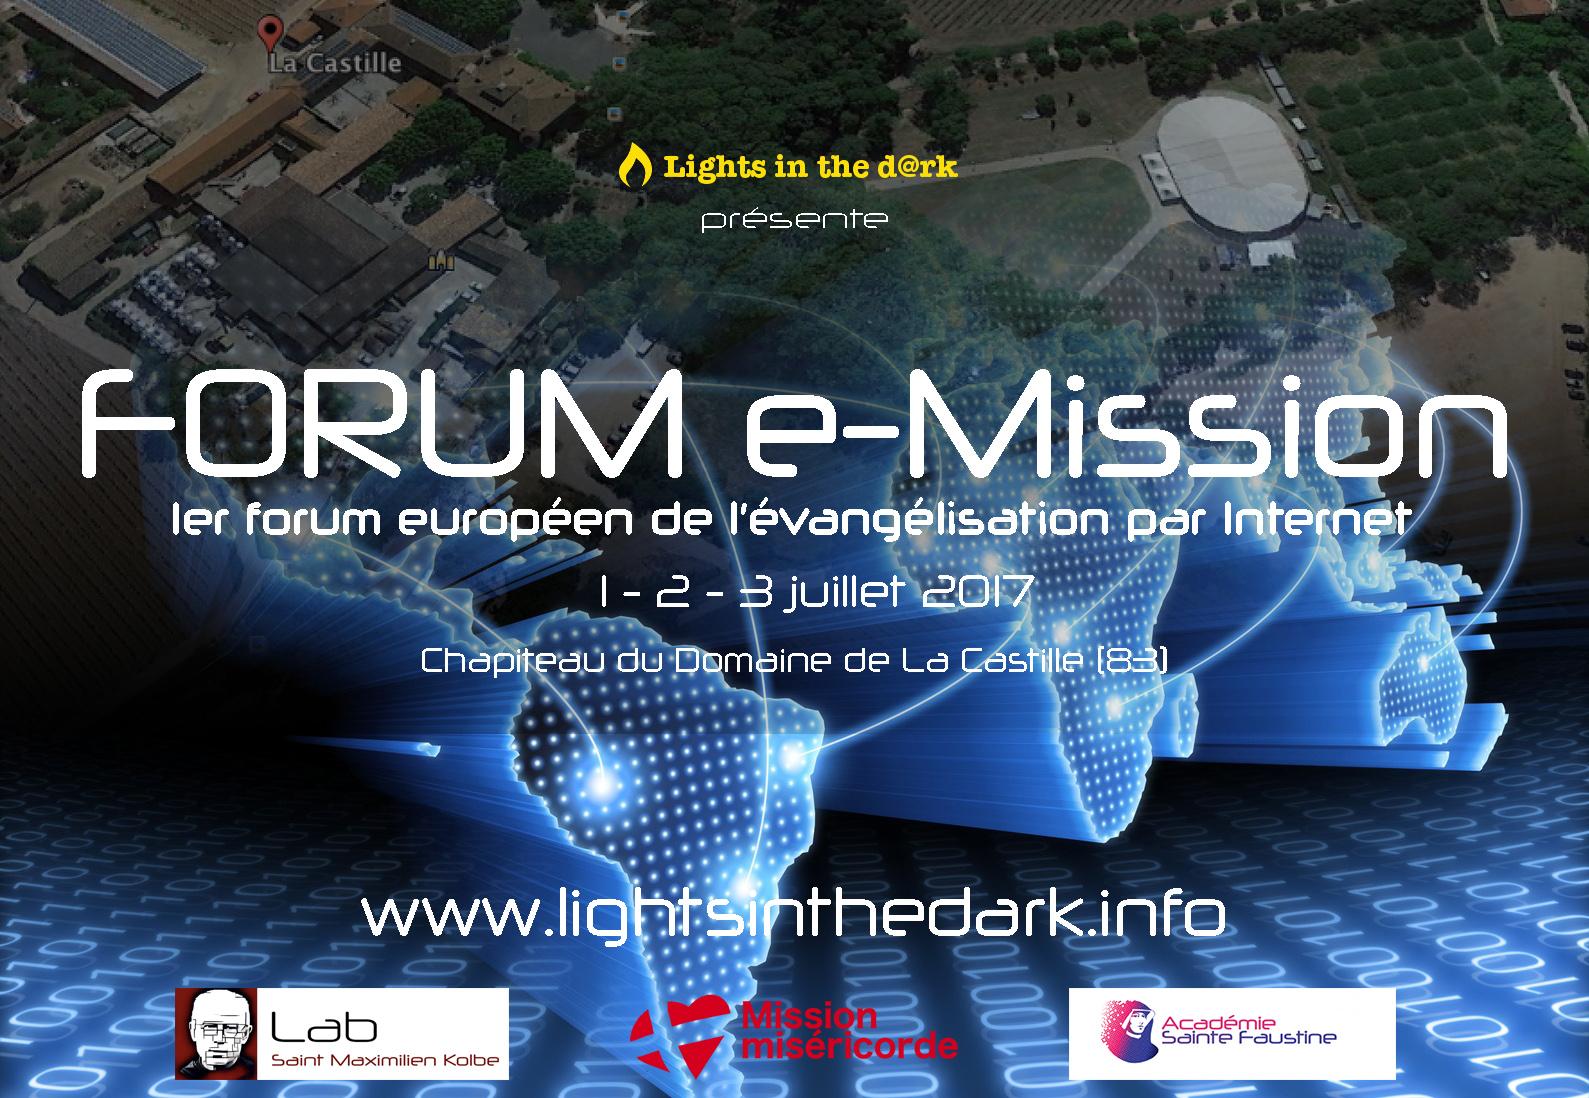 Forum e-mission: Le premier forum européen sur l'évangélisation par Internet